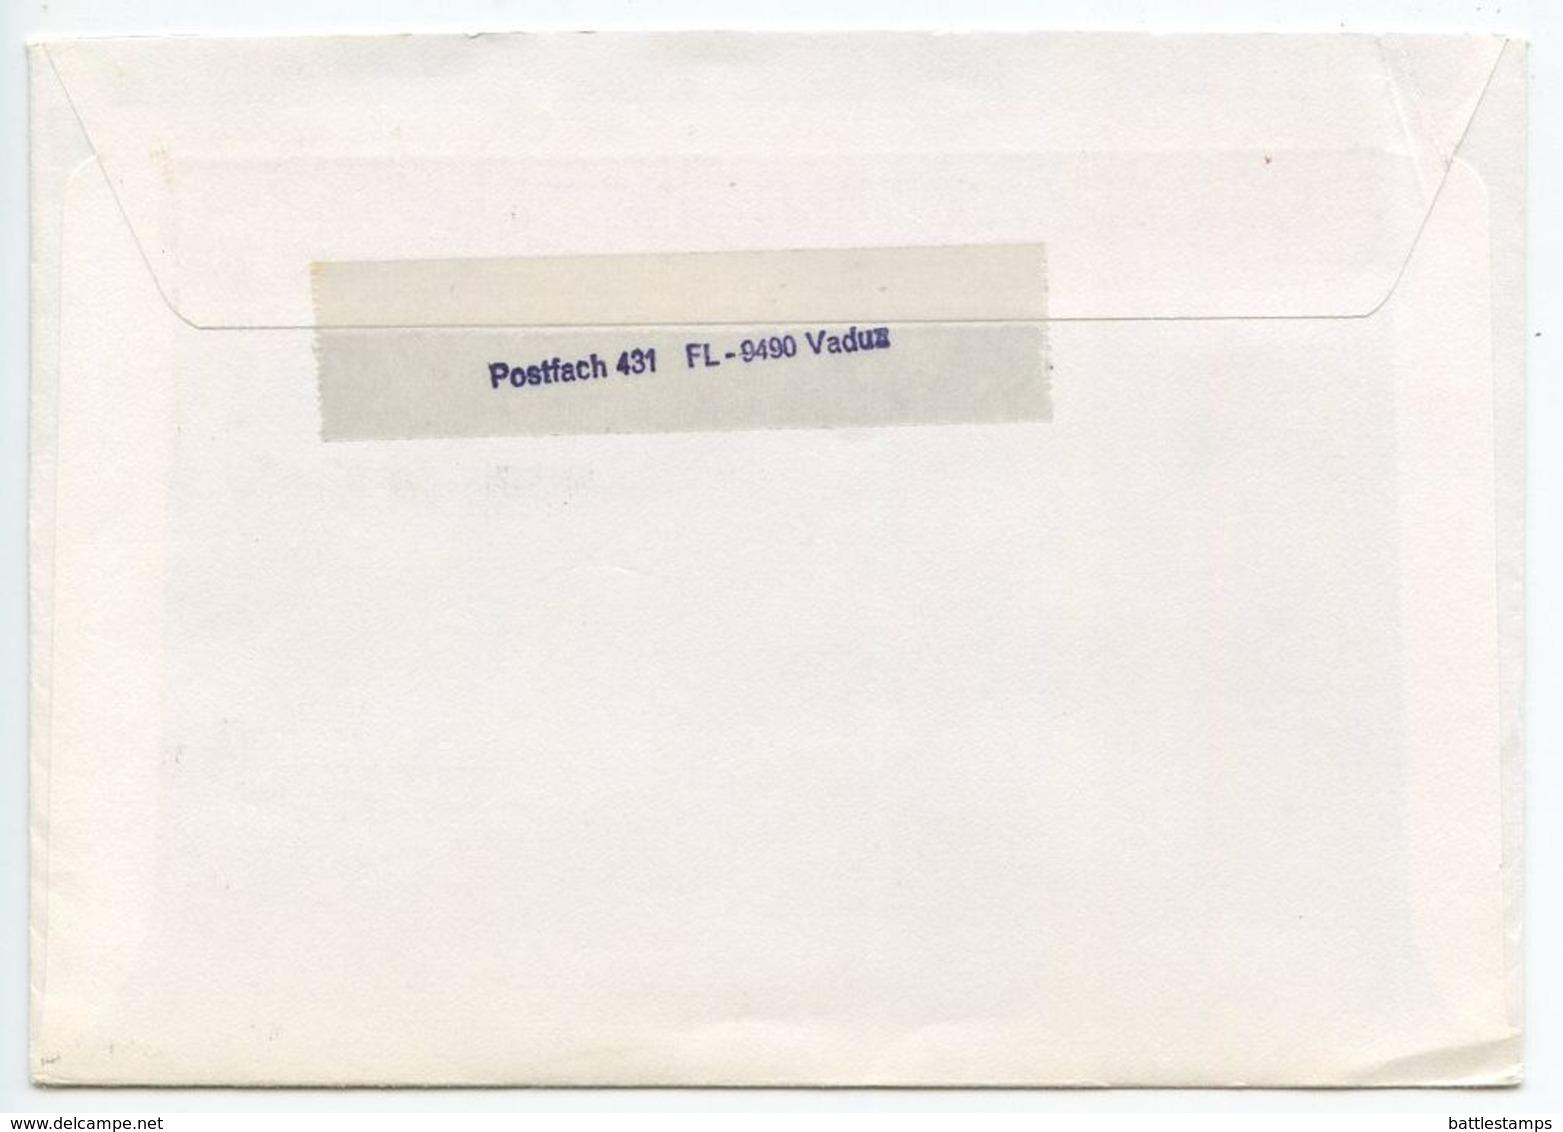 Liechtenstein 1991 Registered Airmail Cover Vaduz To Forchheim Germany, Scott 799 Princess Marie Aglae - Liechtenstein